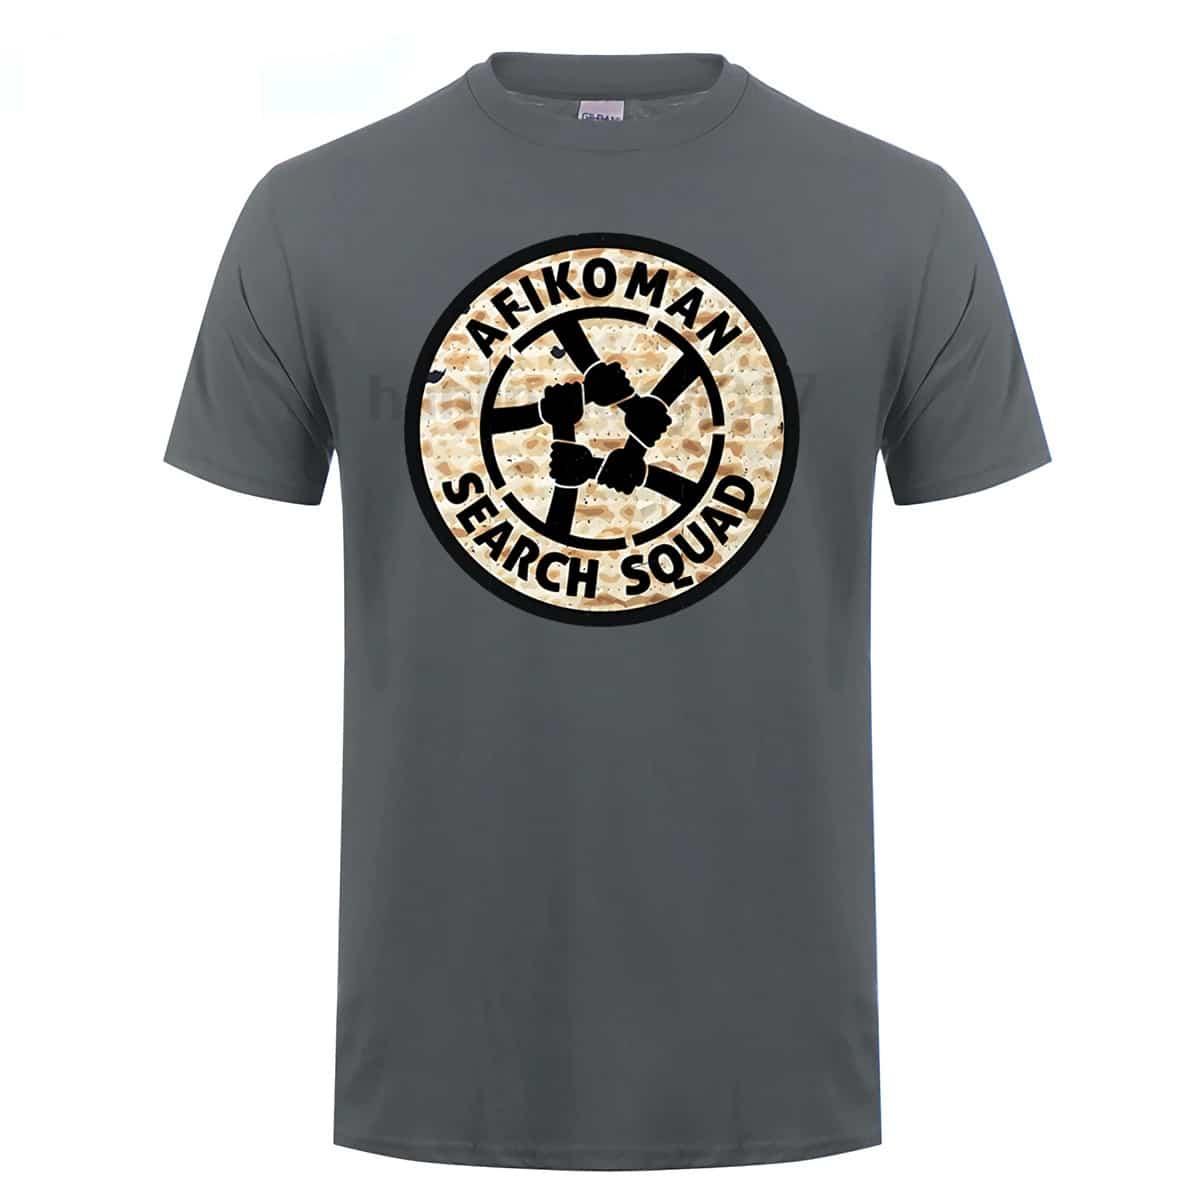 חולצה מודפסת T-SHIRT כיתובים סלוגן, מסרים משפט בעברית סמלים בהדפסה להזמנה לוקו0ט